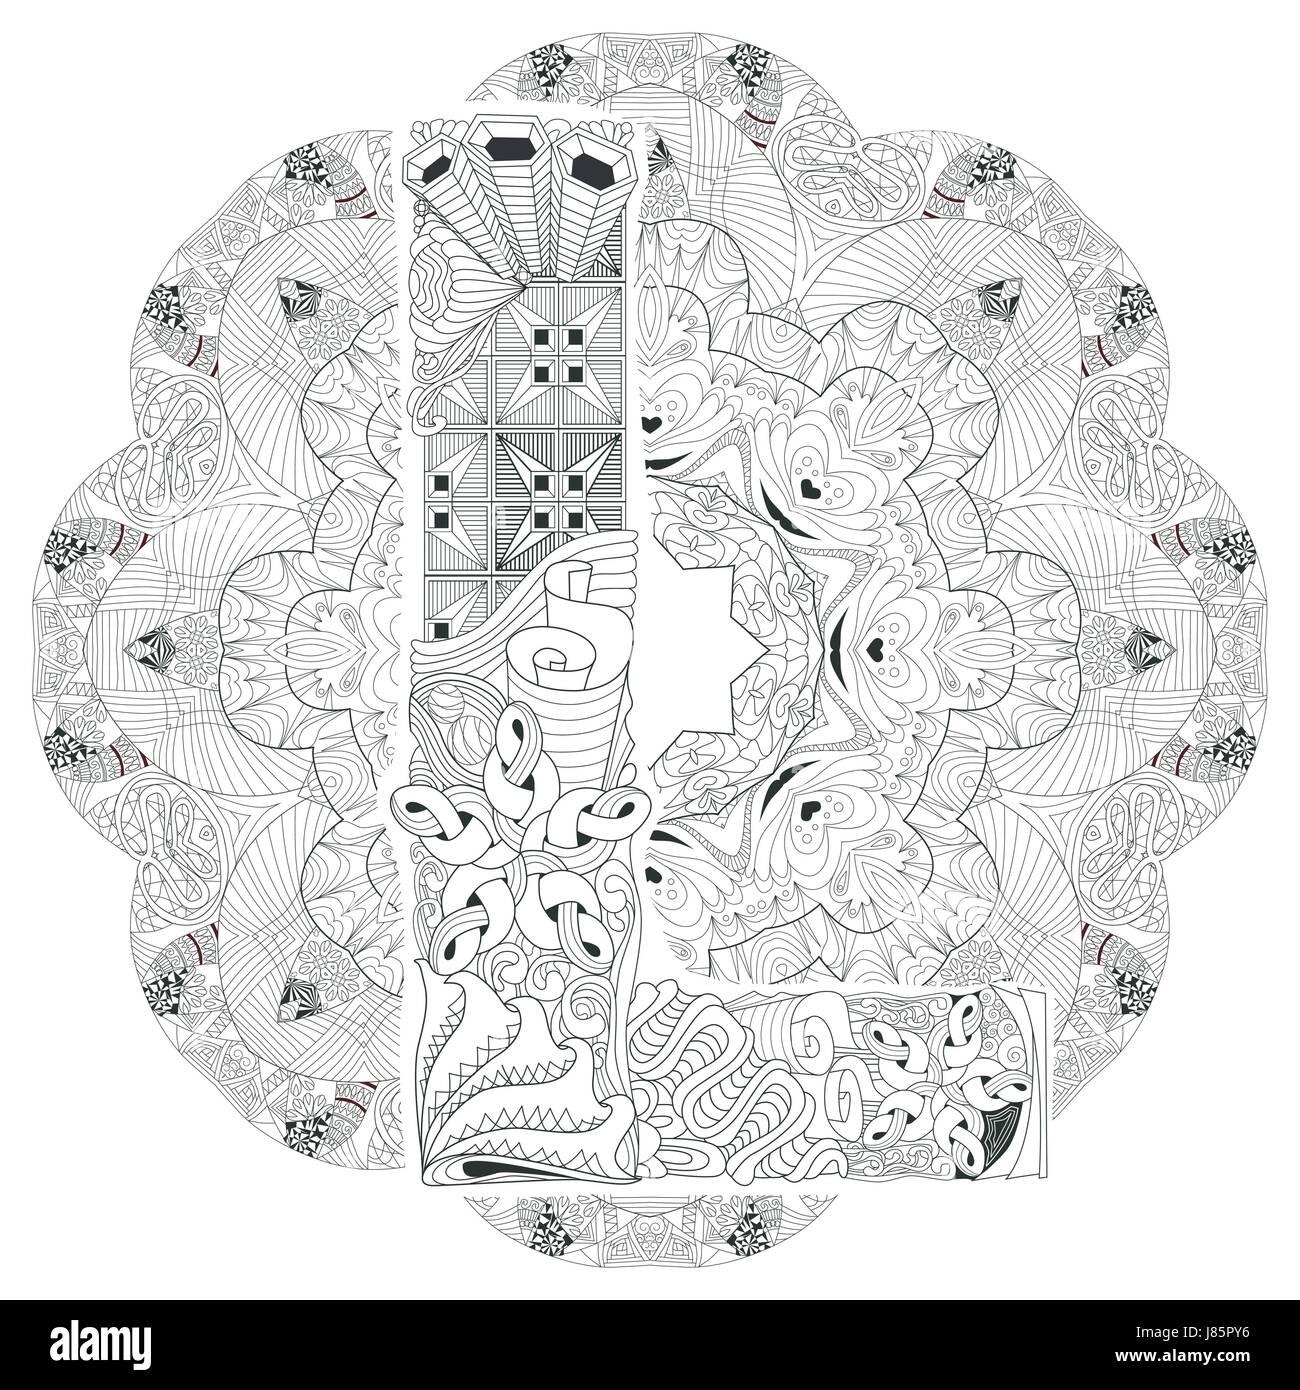 Erfreut Schwarz Weiß Malvorlagen Von Designs Bilder - Entry Level ...